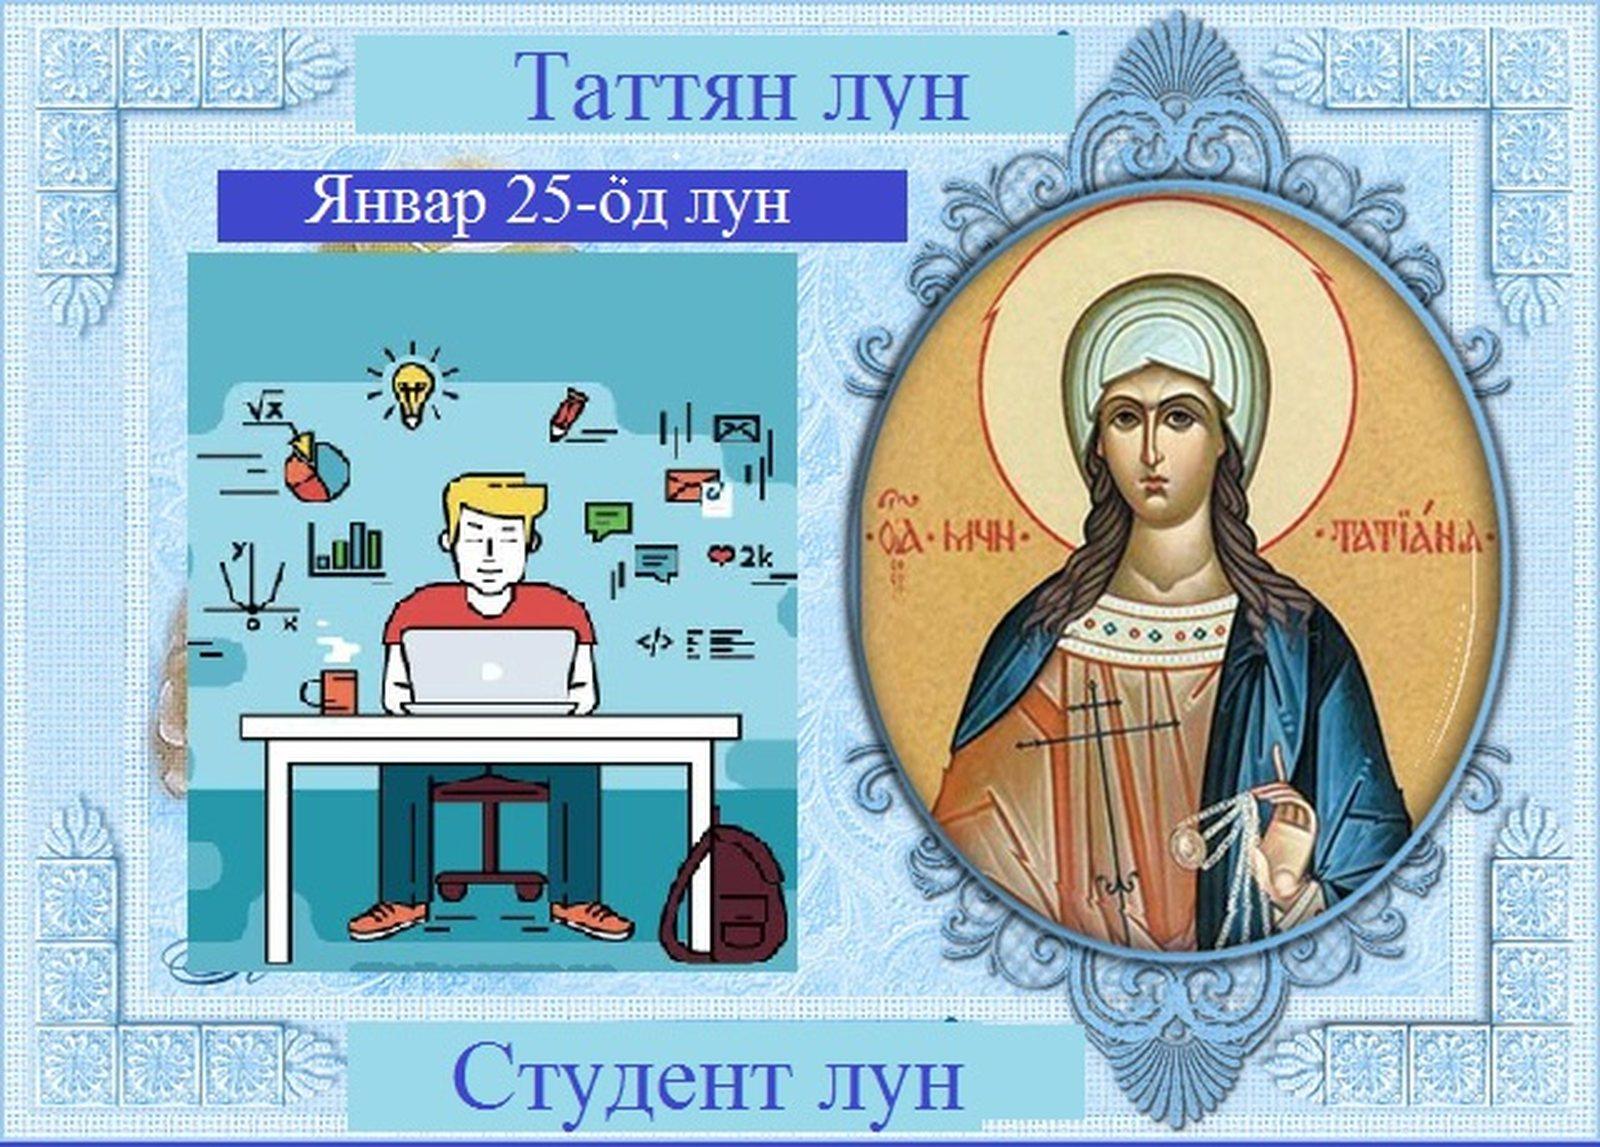 pozdravlyayu-s-tatyaninym-dnem